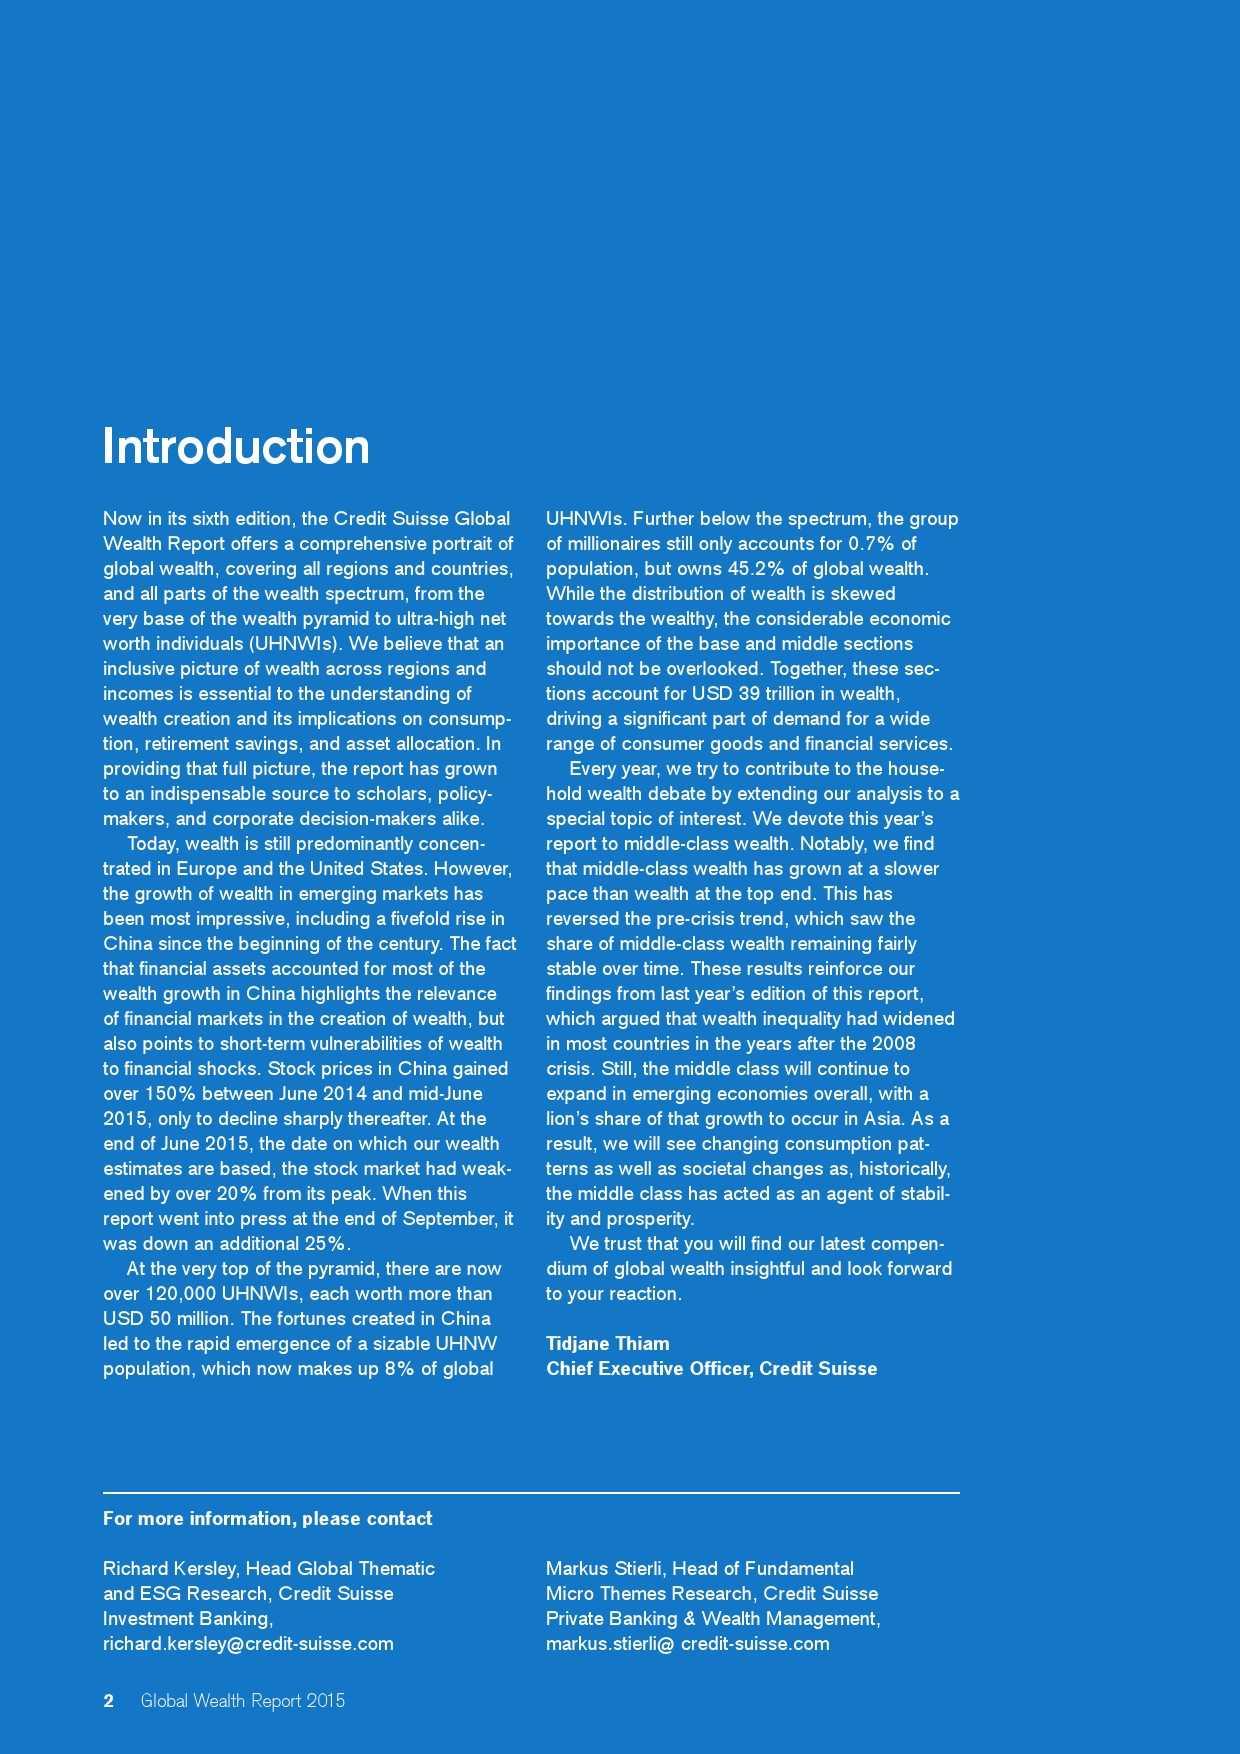 瑞士信贷:2015年全球财富报告_000002